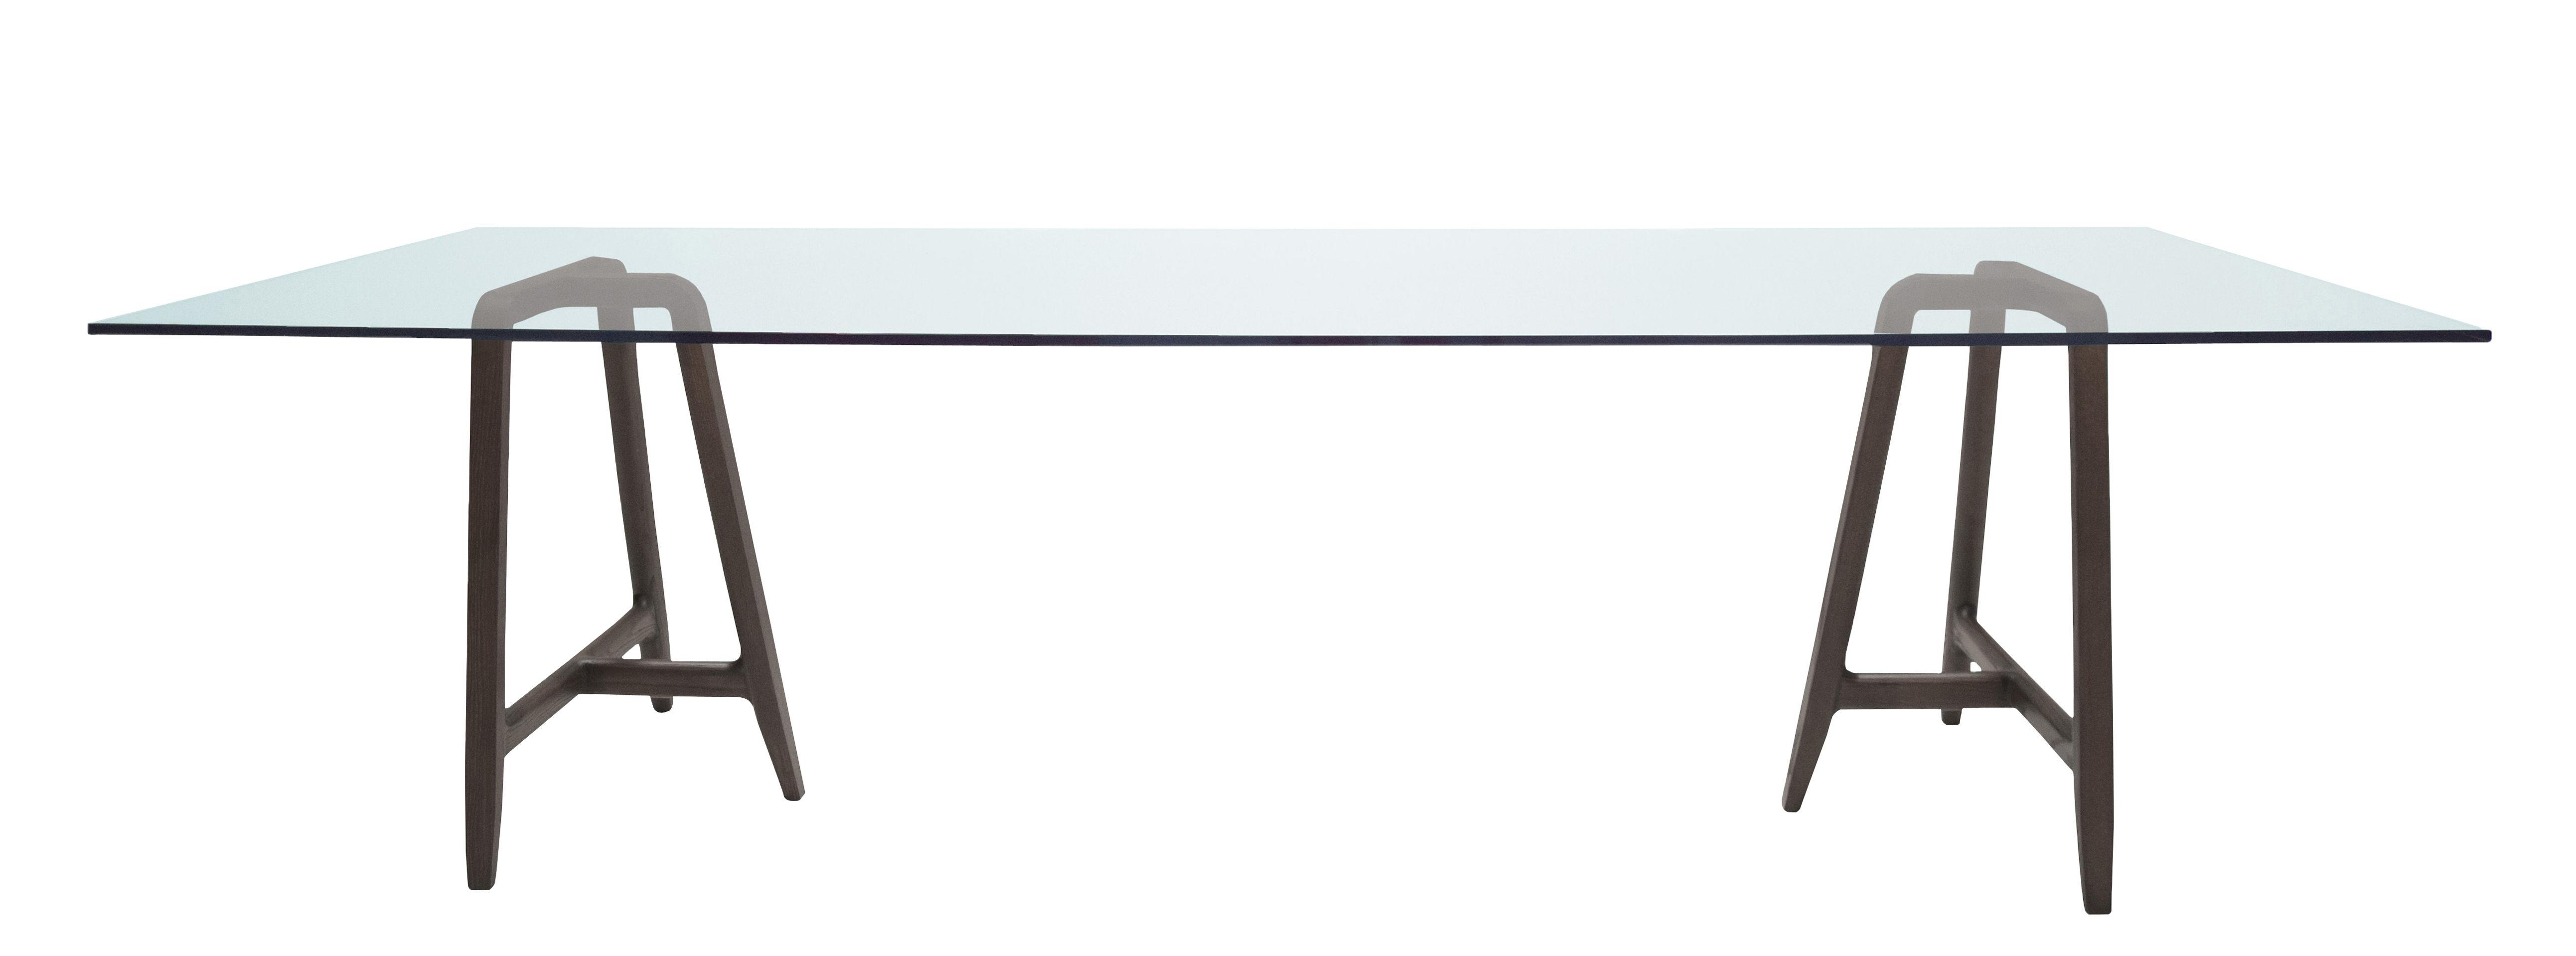 Arredamento - Tavoli - Tavolo Easel / 220 x 90 cm - Vetro - Driade - Noce / Vetro temperato - Noce massello, Vetro temprato